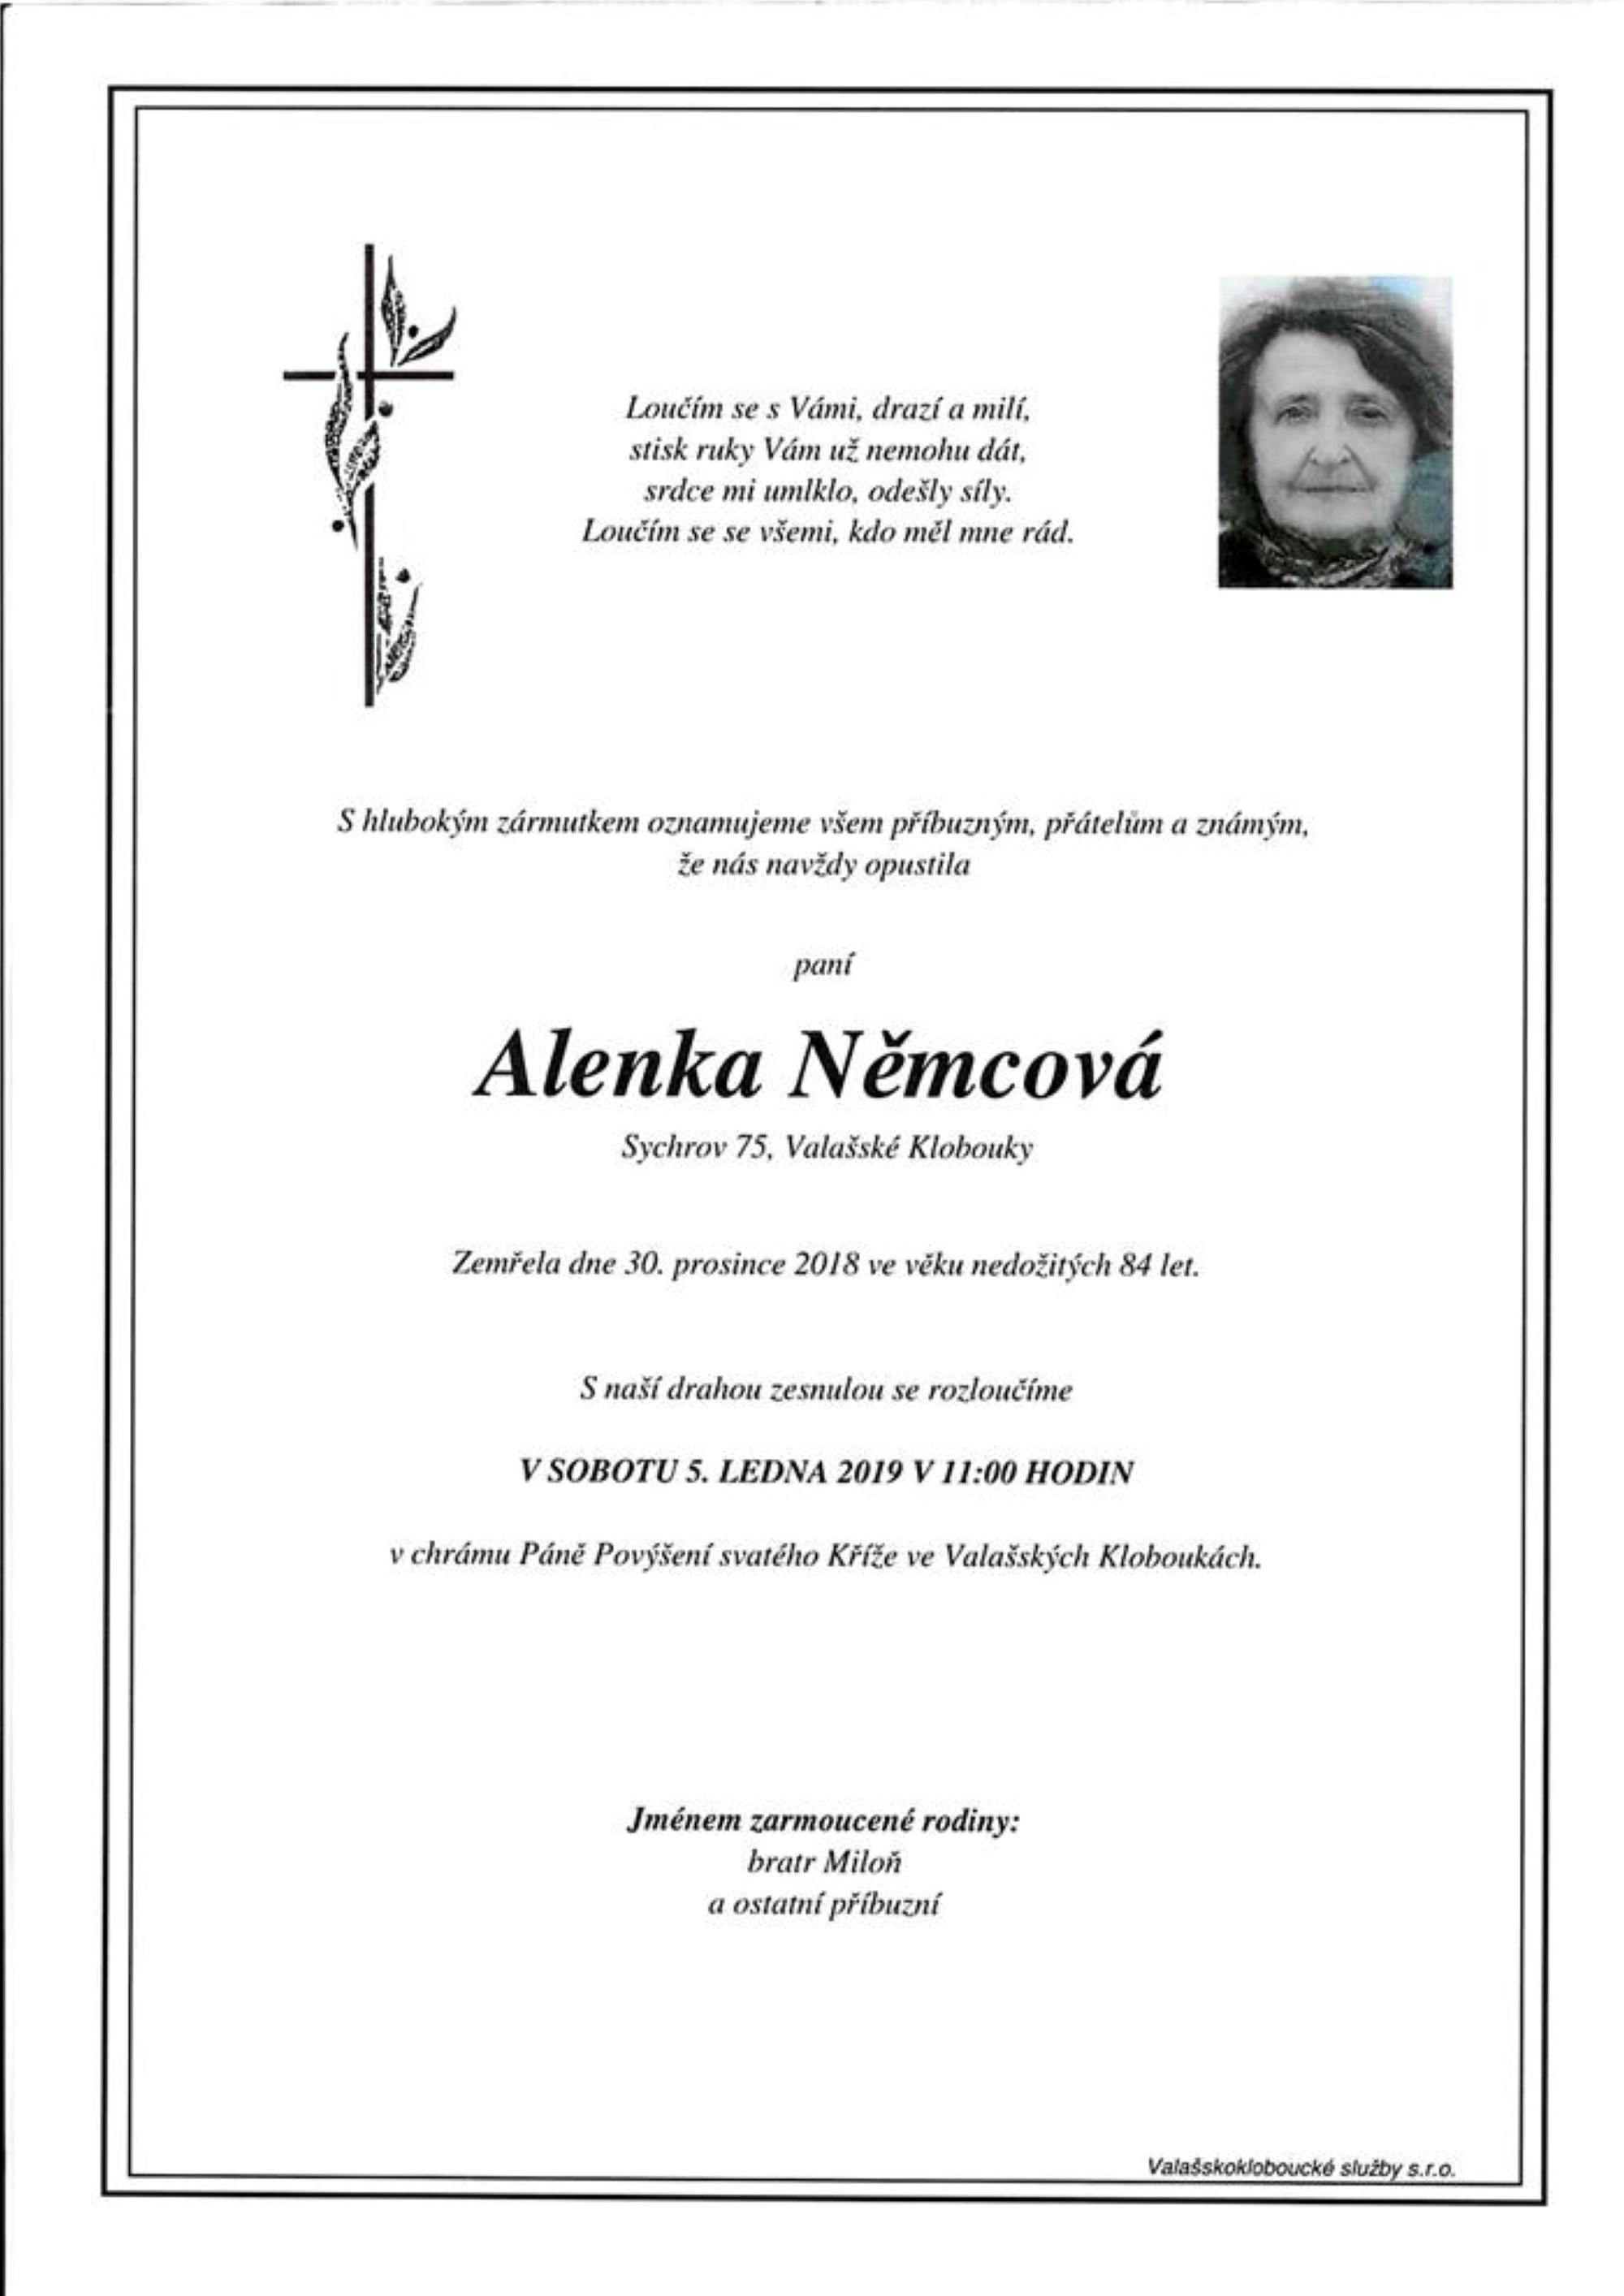 Alenka Němcová